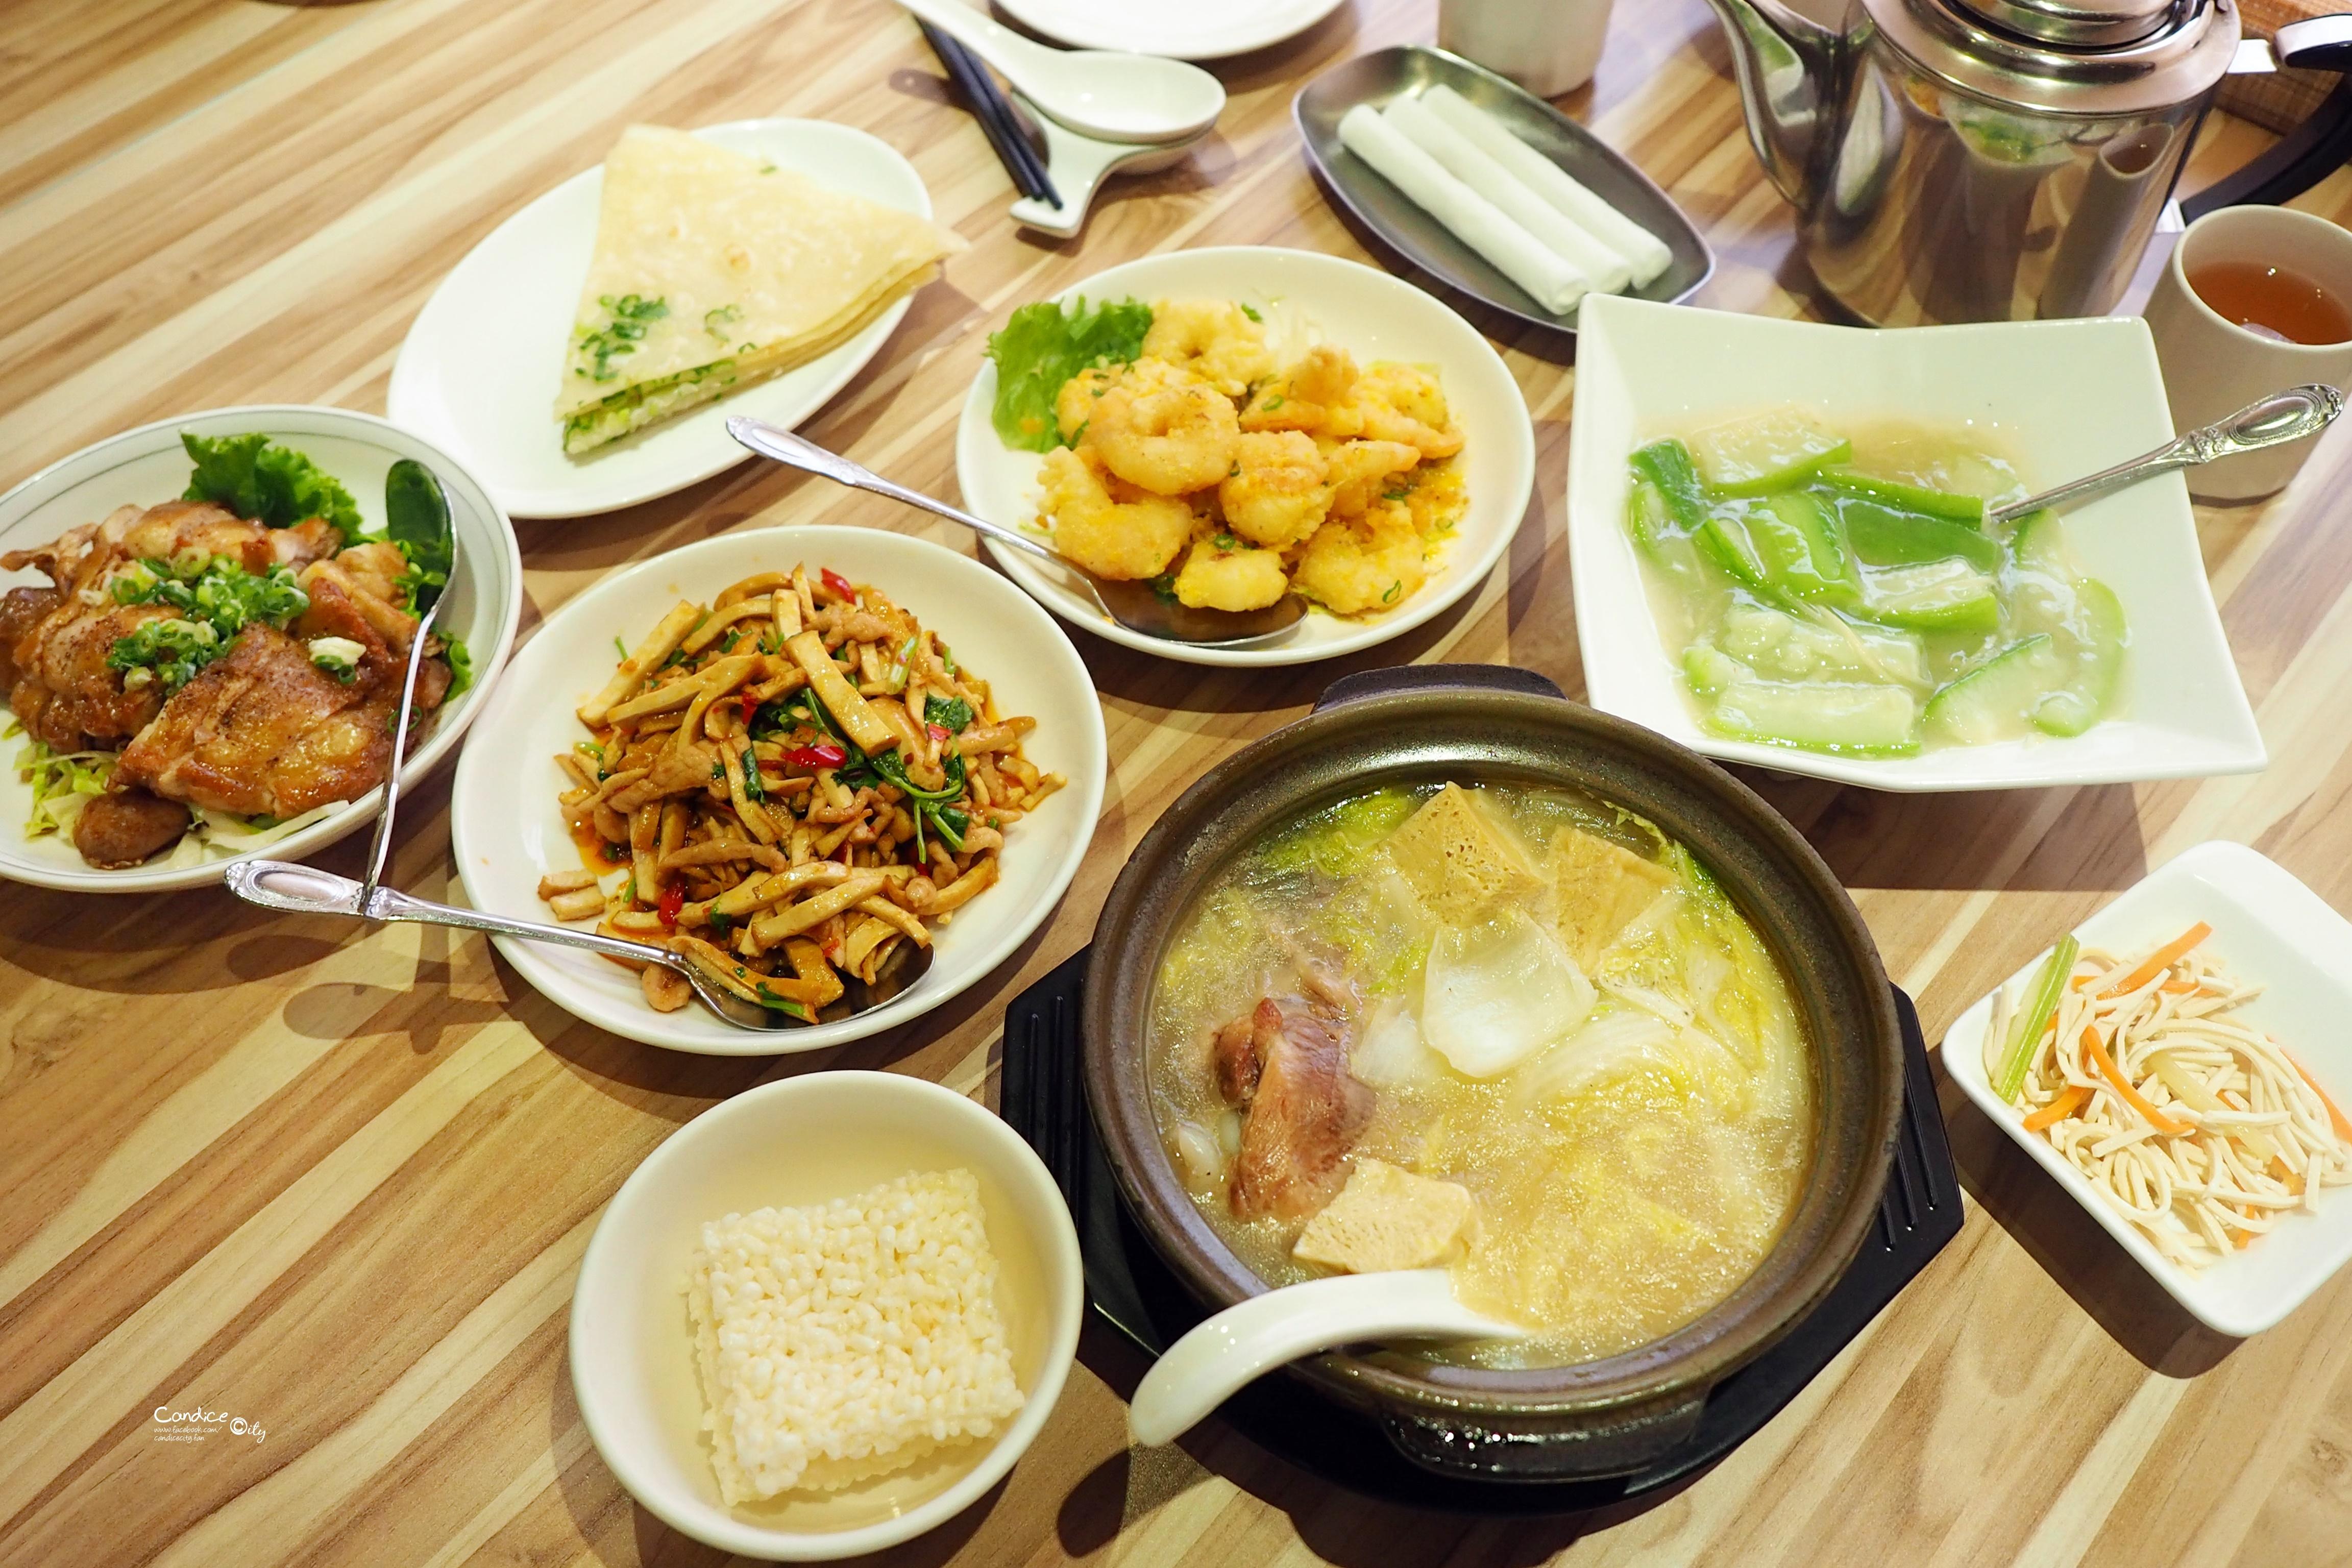 驥園雞窩餐廳|全台北最好喝的砂鍋土雞湯!(大安美食) @陳小沁の吃喝玩樂